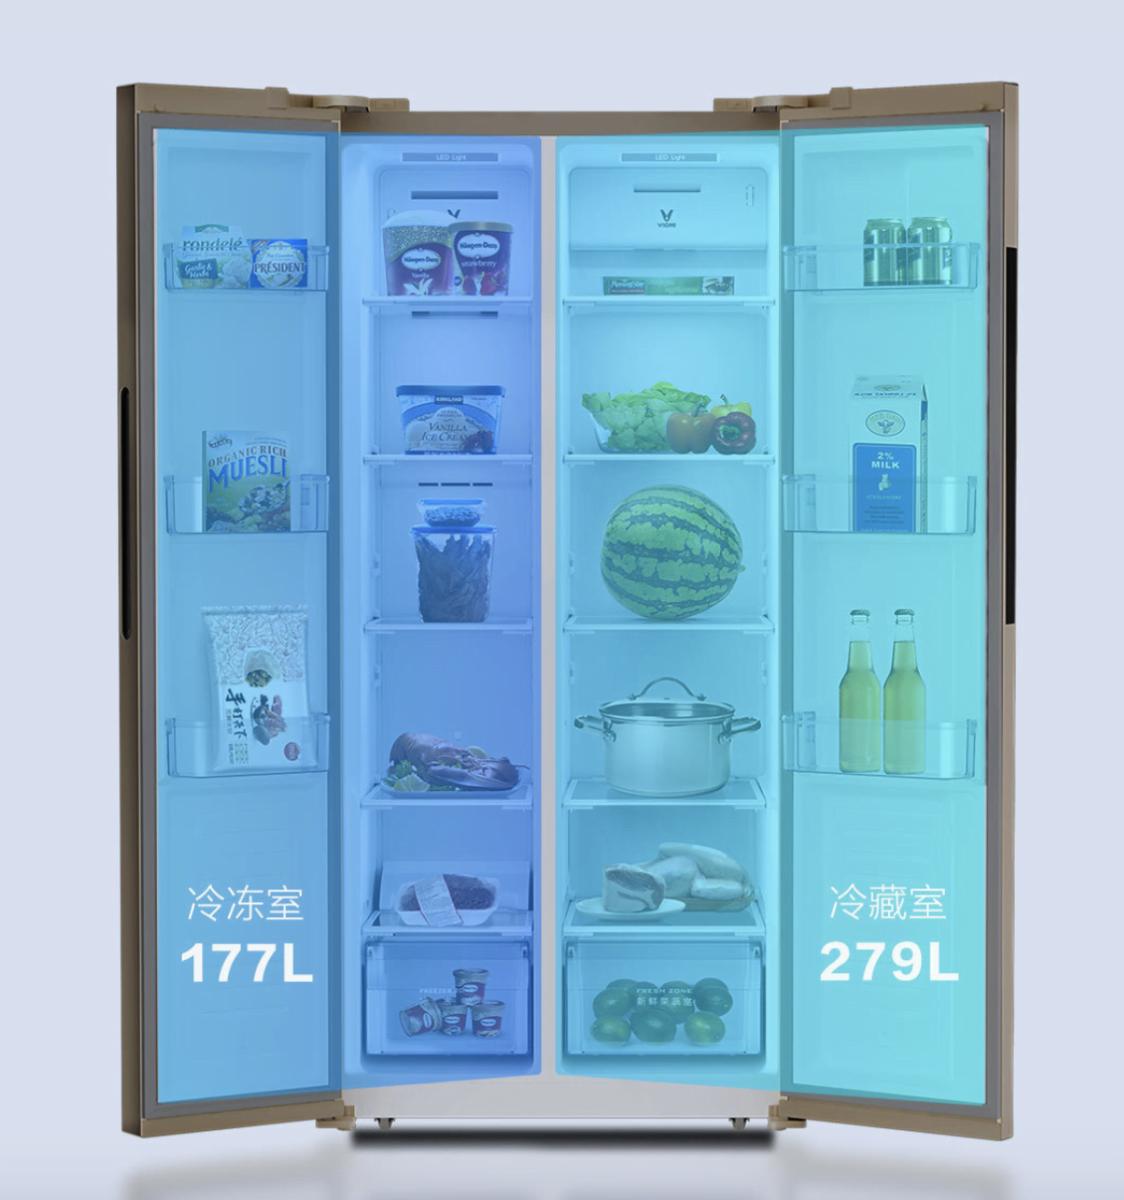 Thiết kế tủ lạnh Xiaomi Viomi với 2 cánh vô cùng tiện lợi